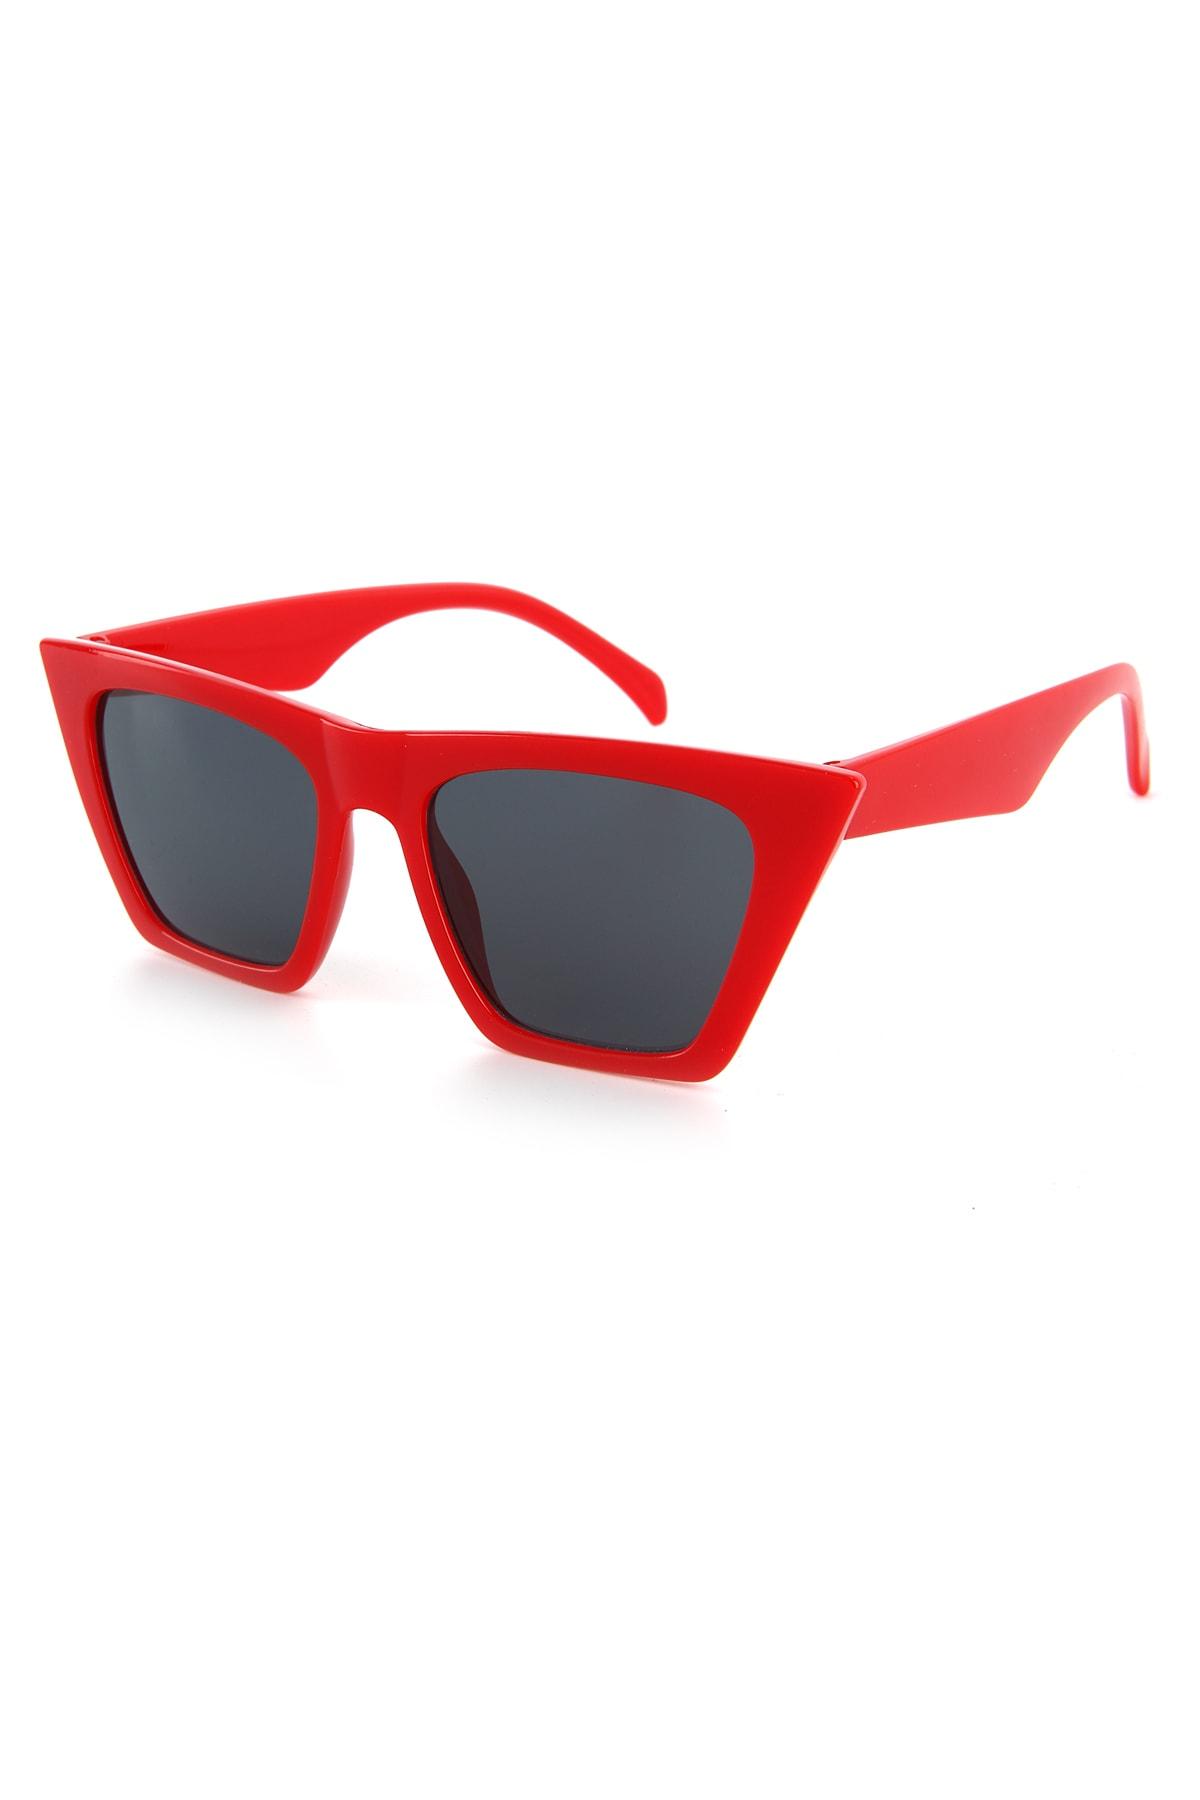 عینک آفتابی زنانه ترک برند Luis Polo رنگ قرمز ty47552946